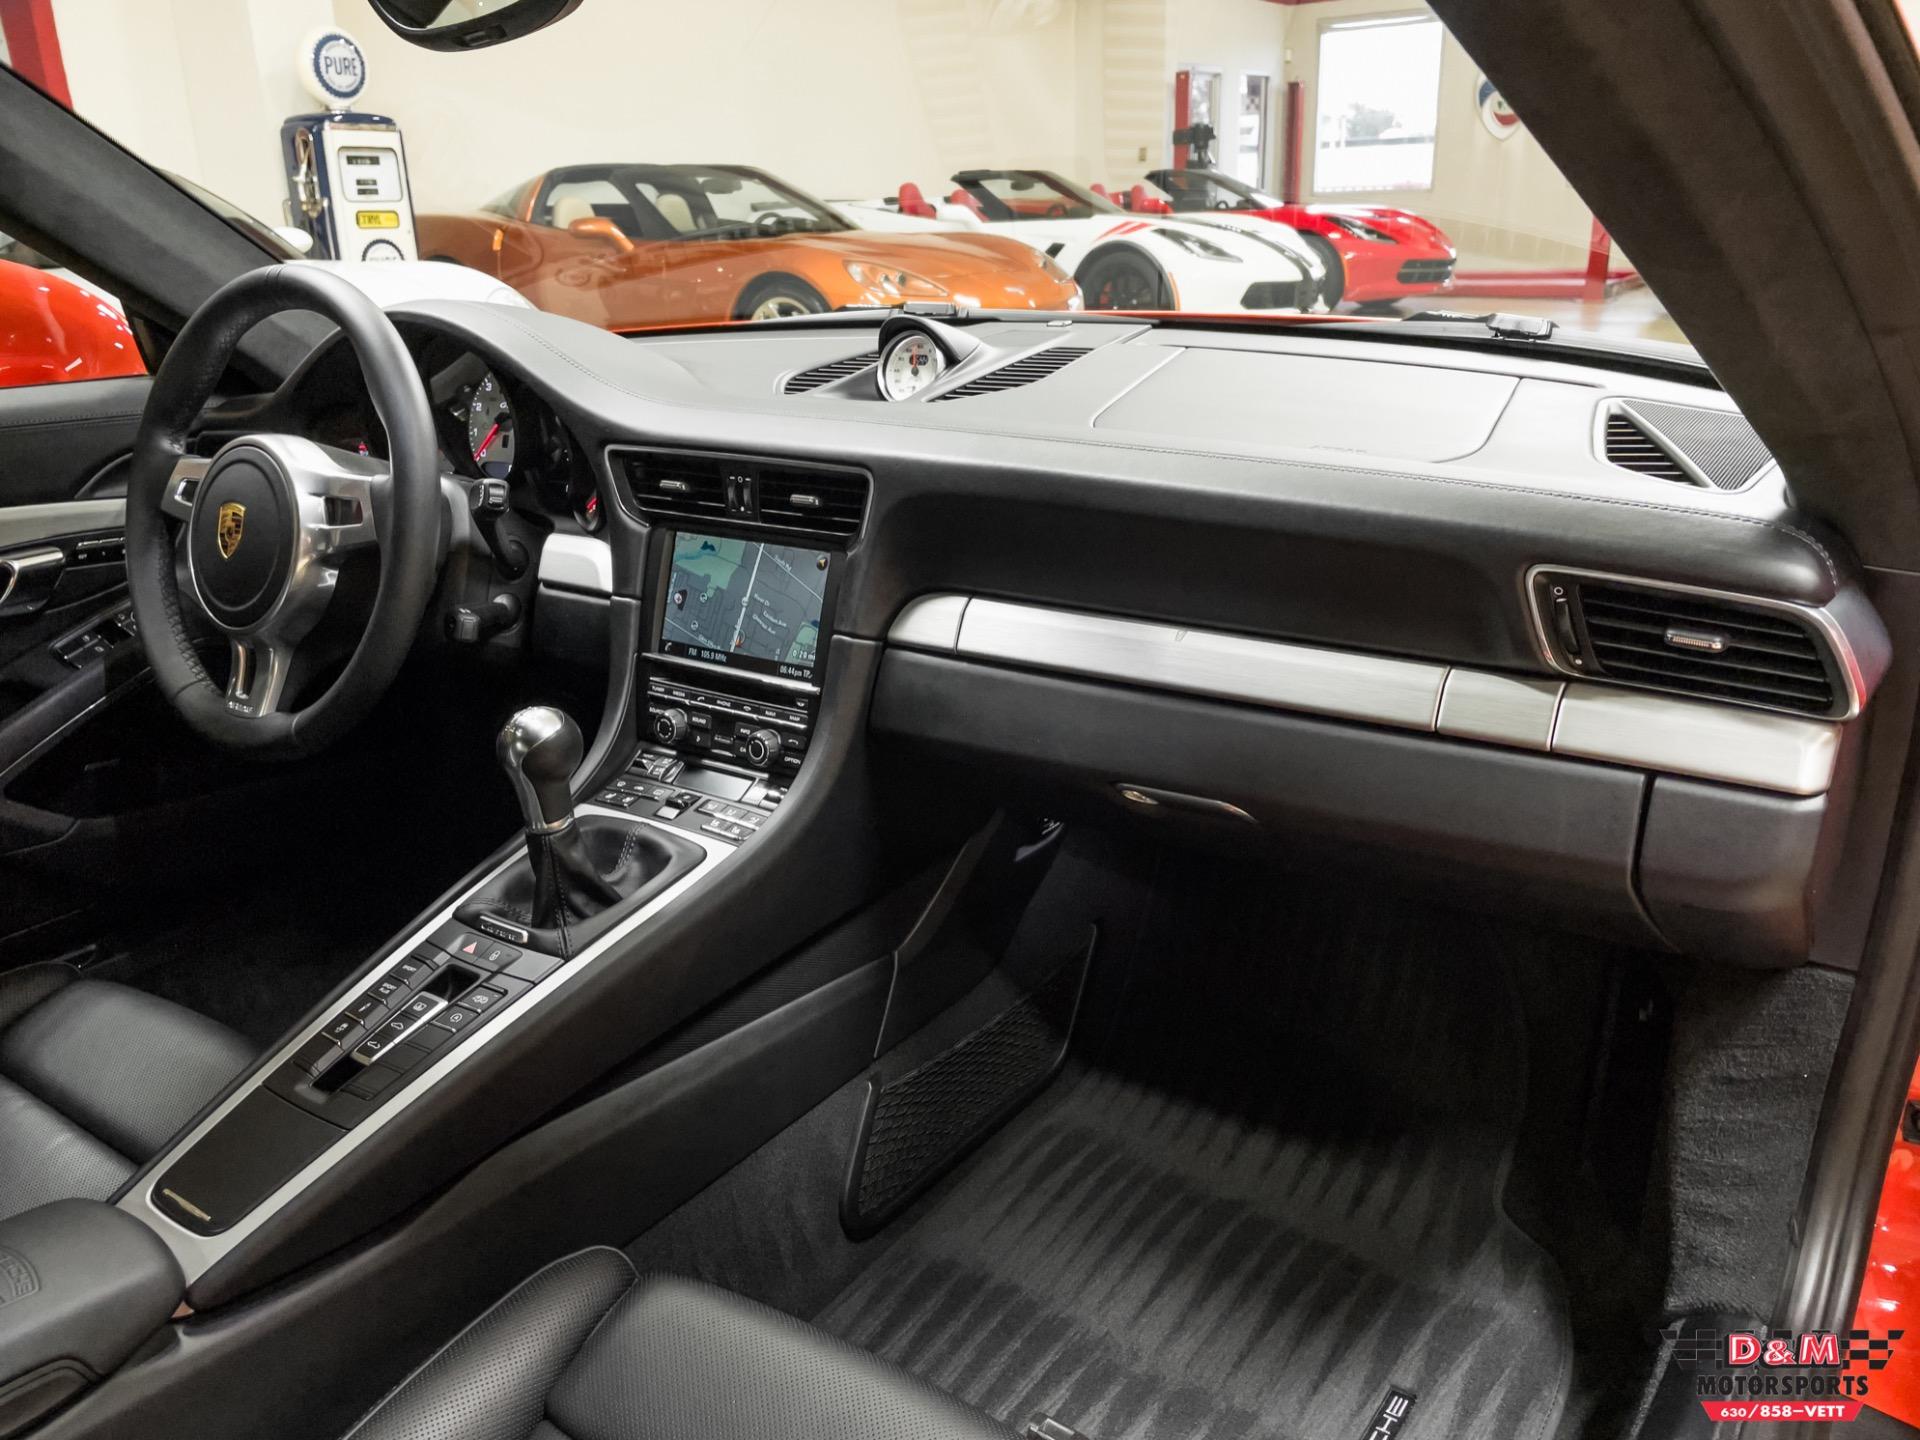 Used 2016 Porsche 911 Carrera GTS Coupe | Glen Ellyn, IL